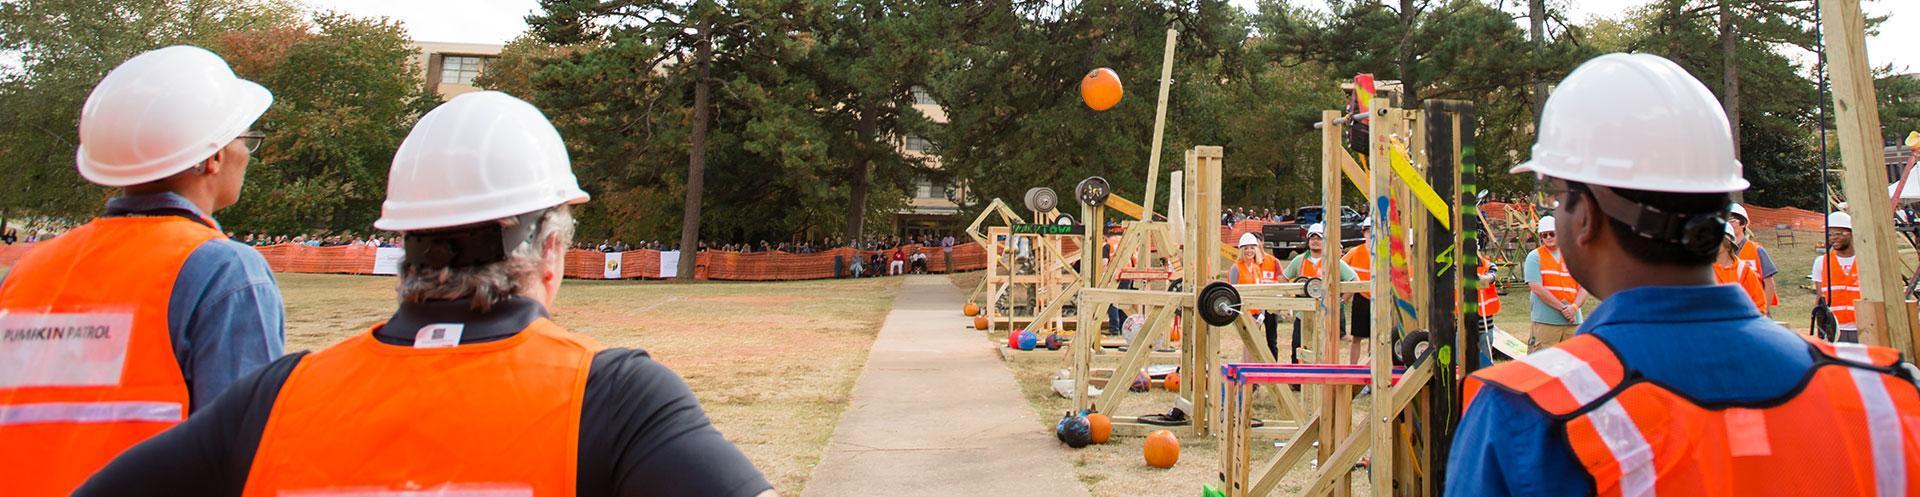 7th Annual Pumpkin Launch